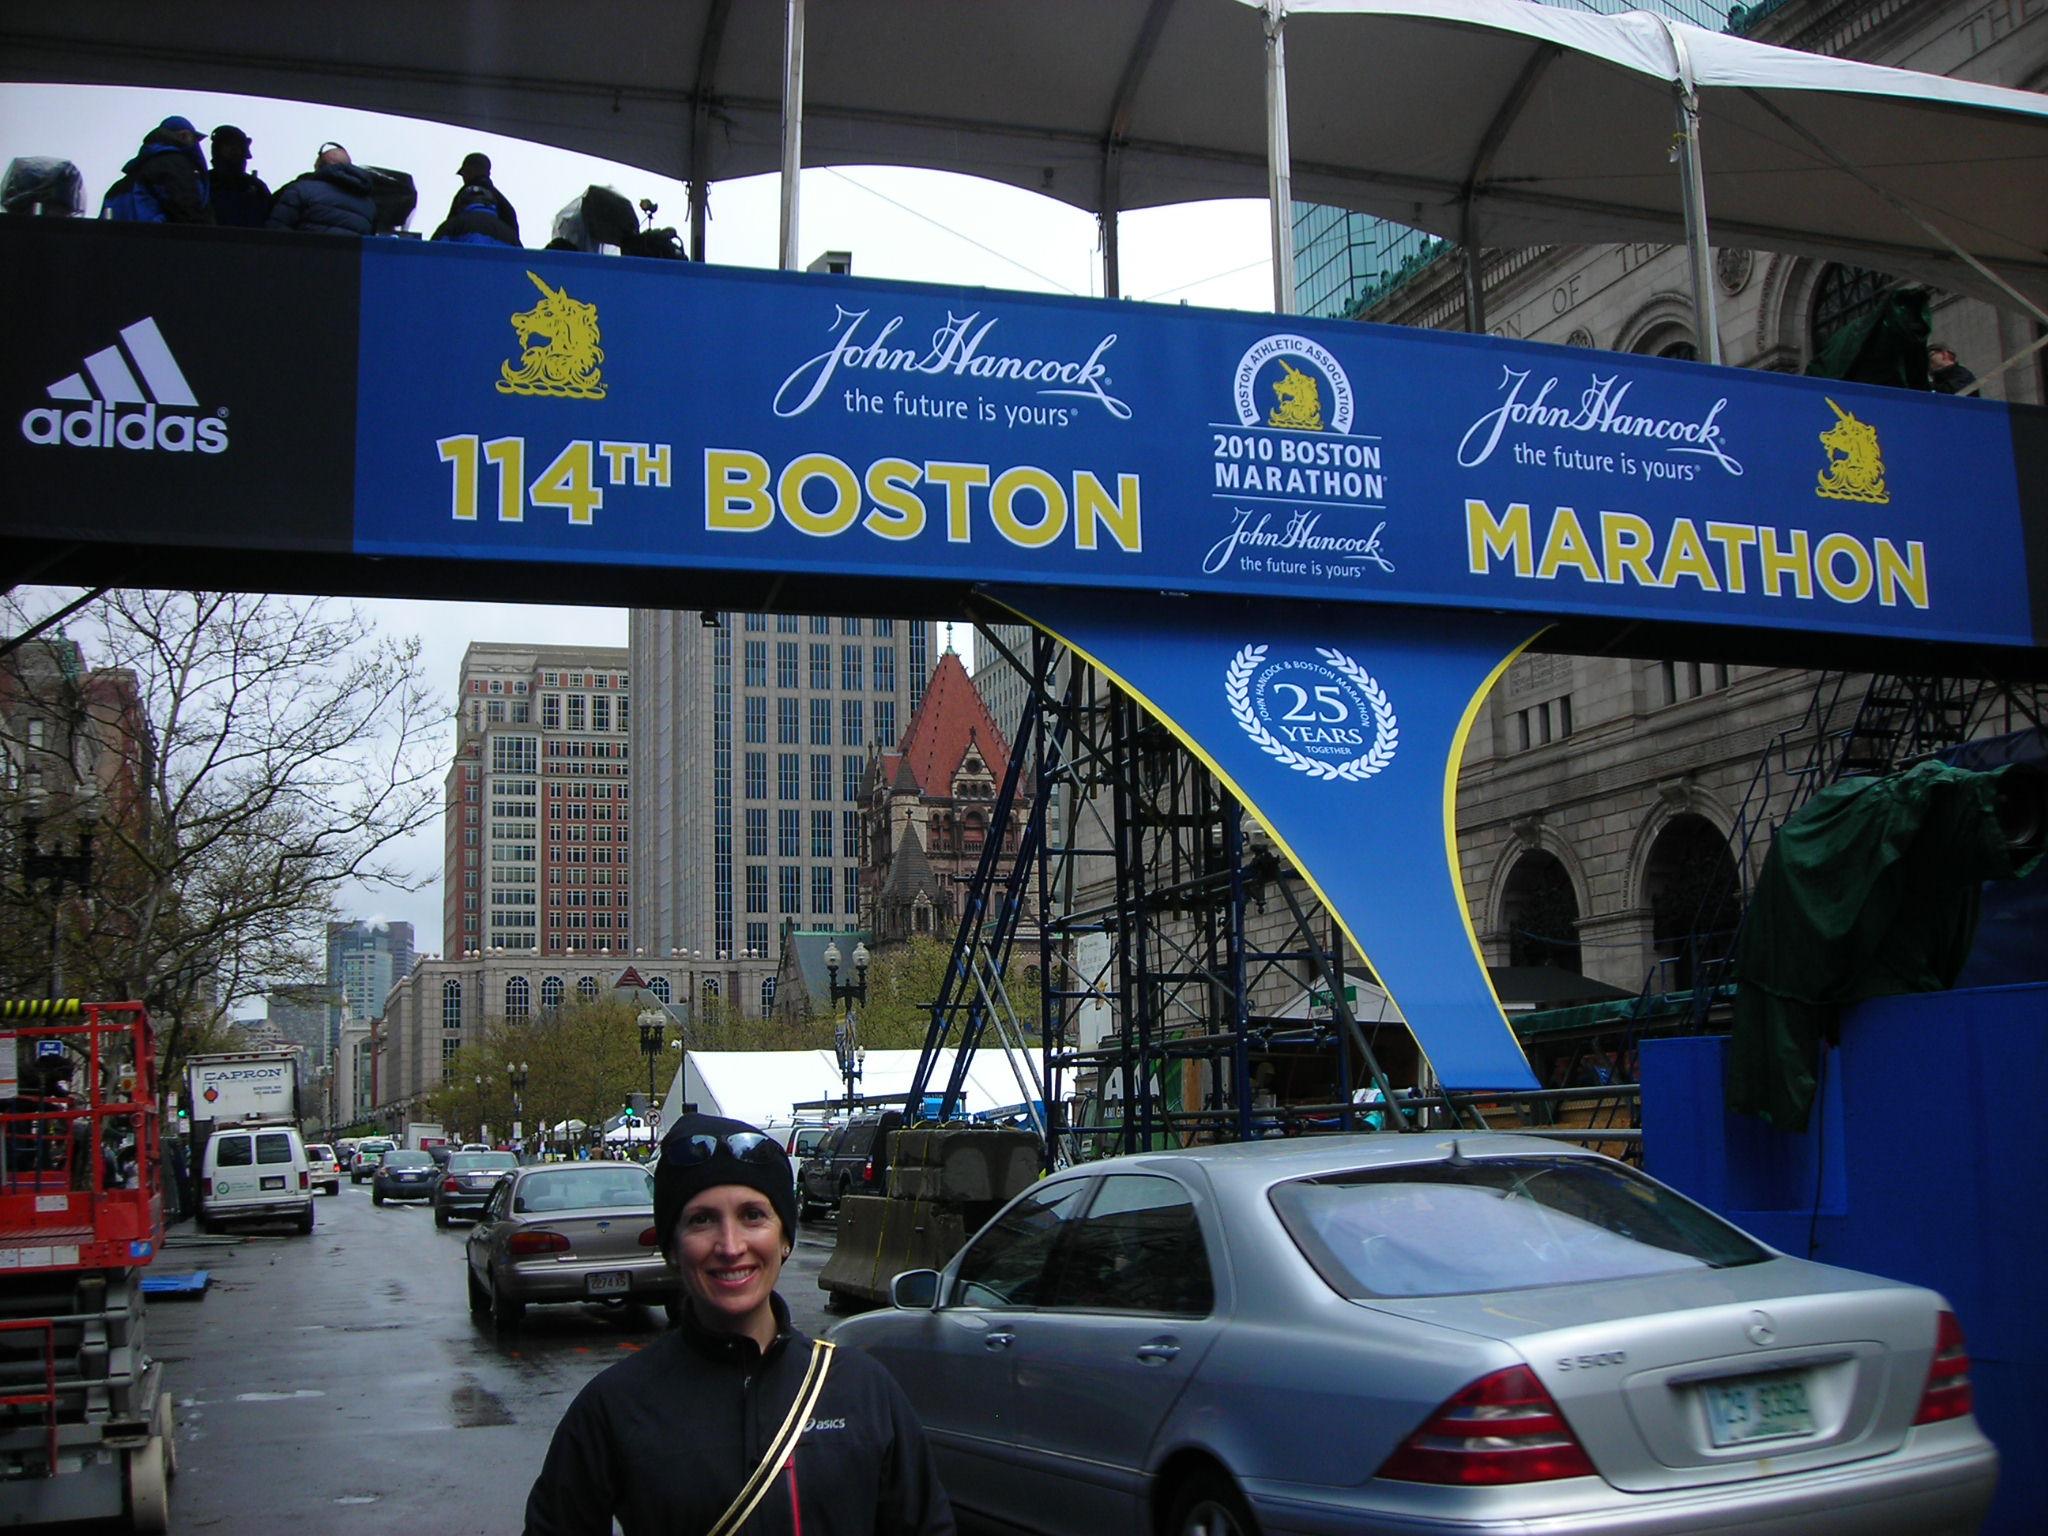 baa Boston marathon 2010 (7)